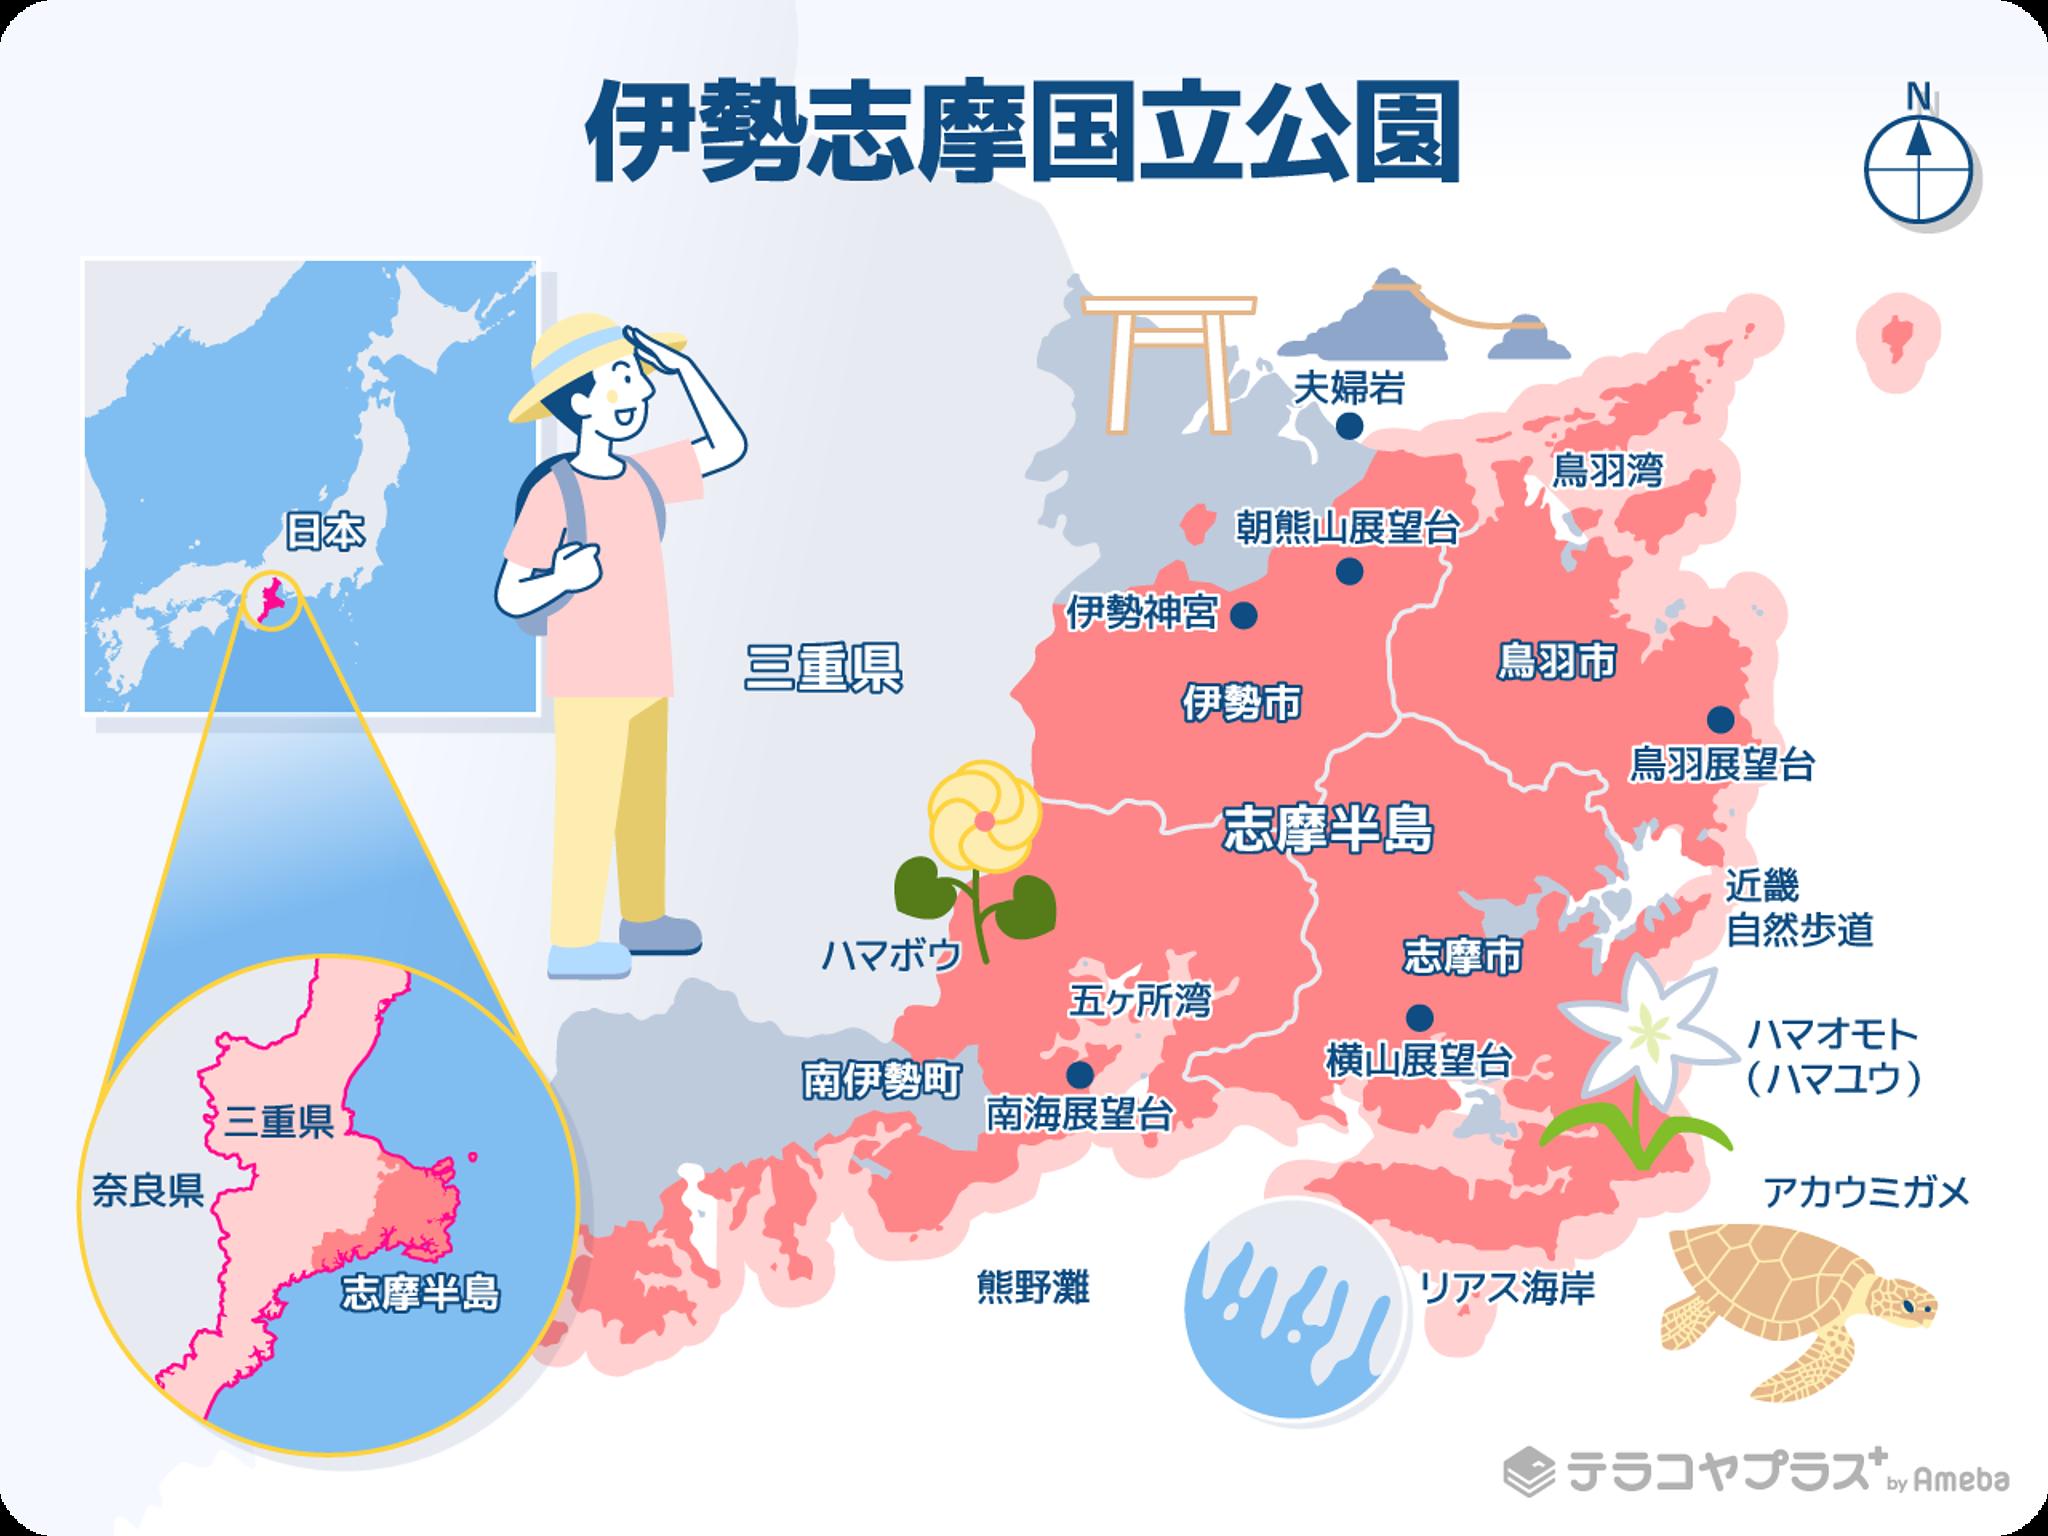 伊勢志摩の名所エリアが詳しく記載されているイラスト